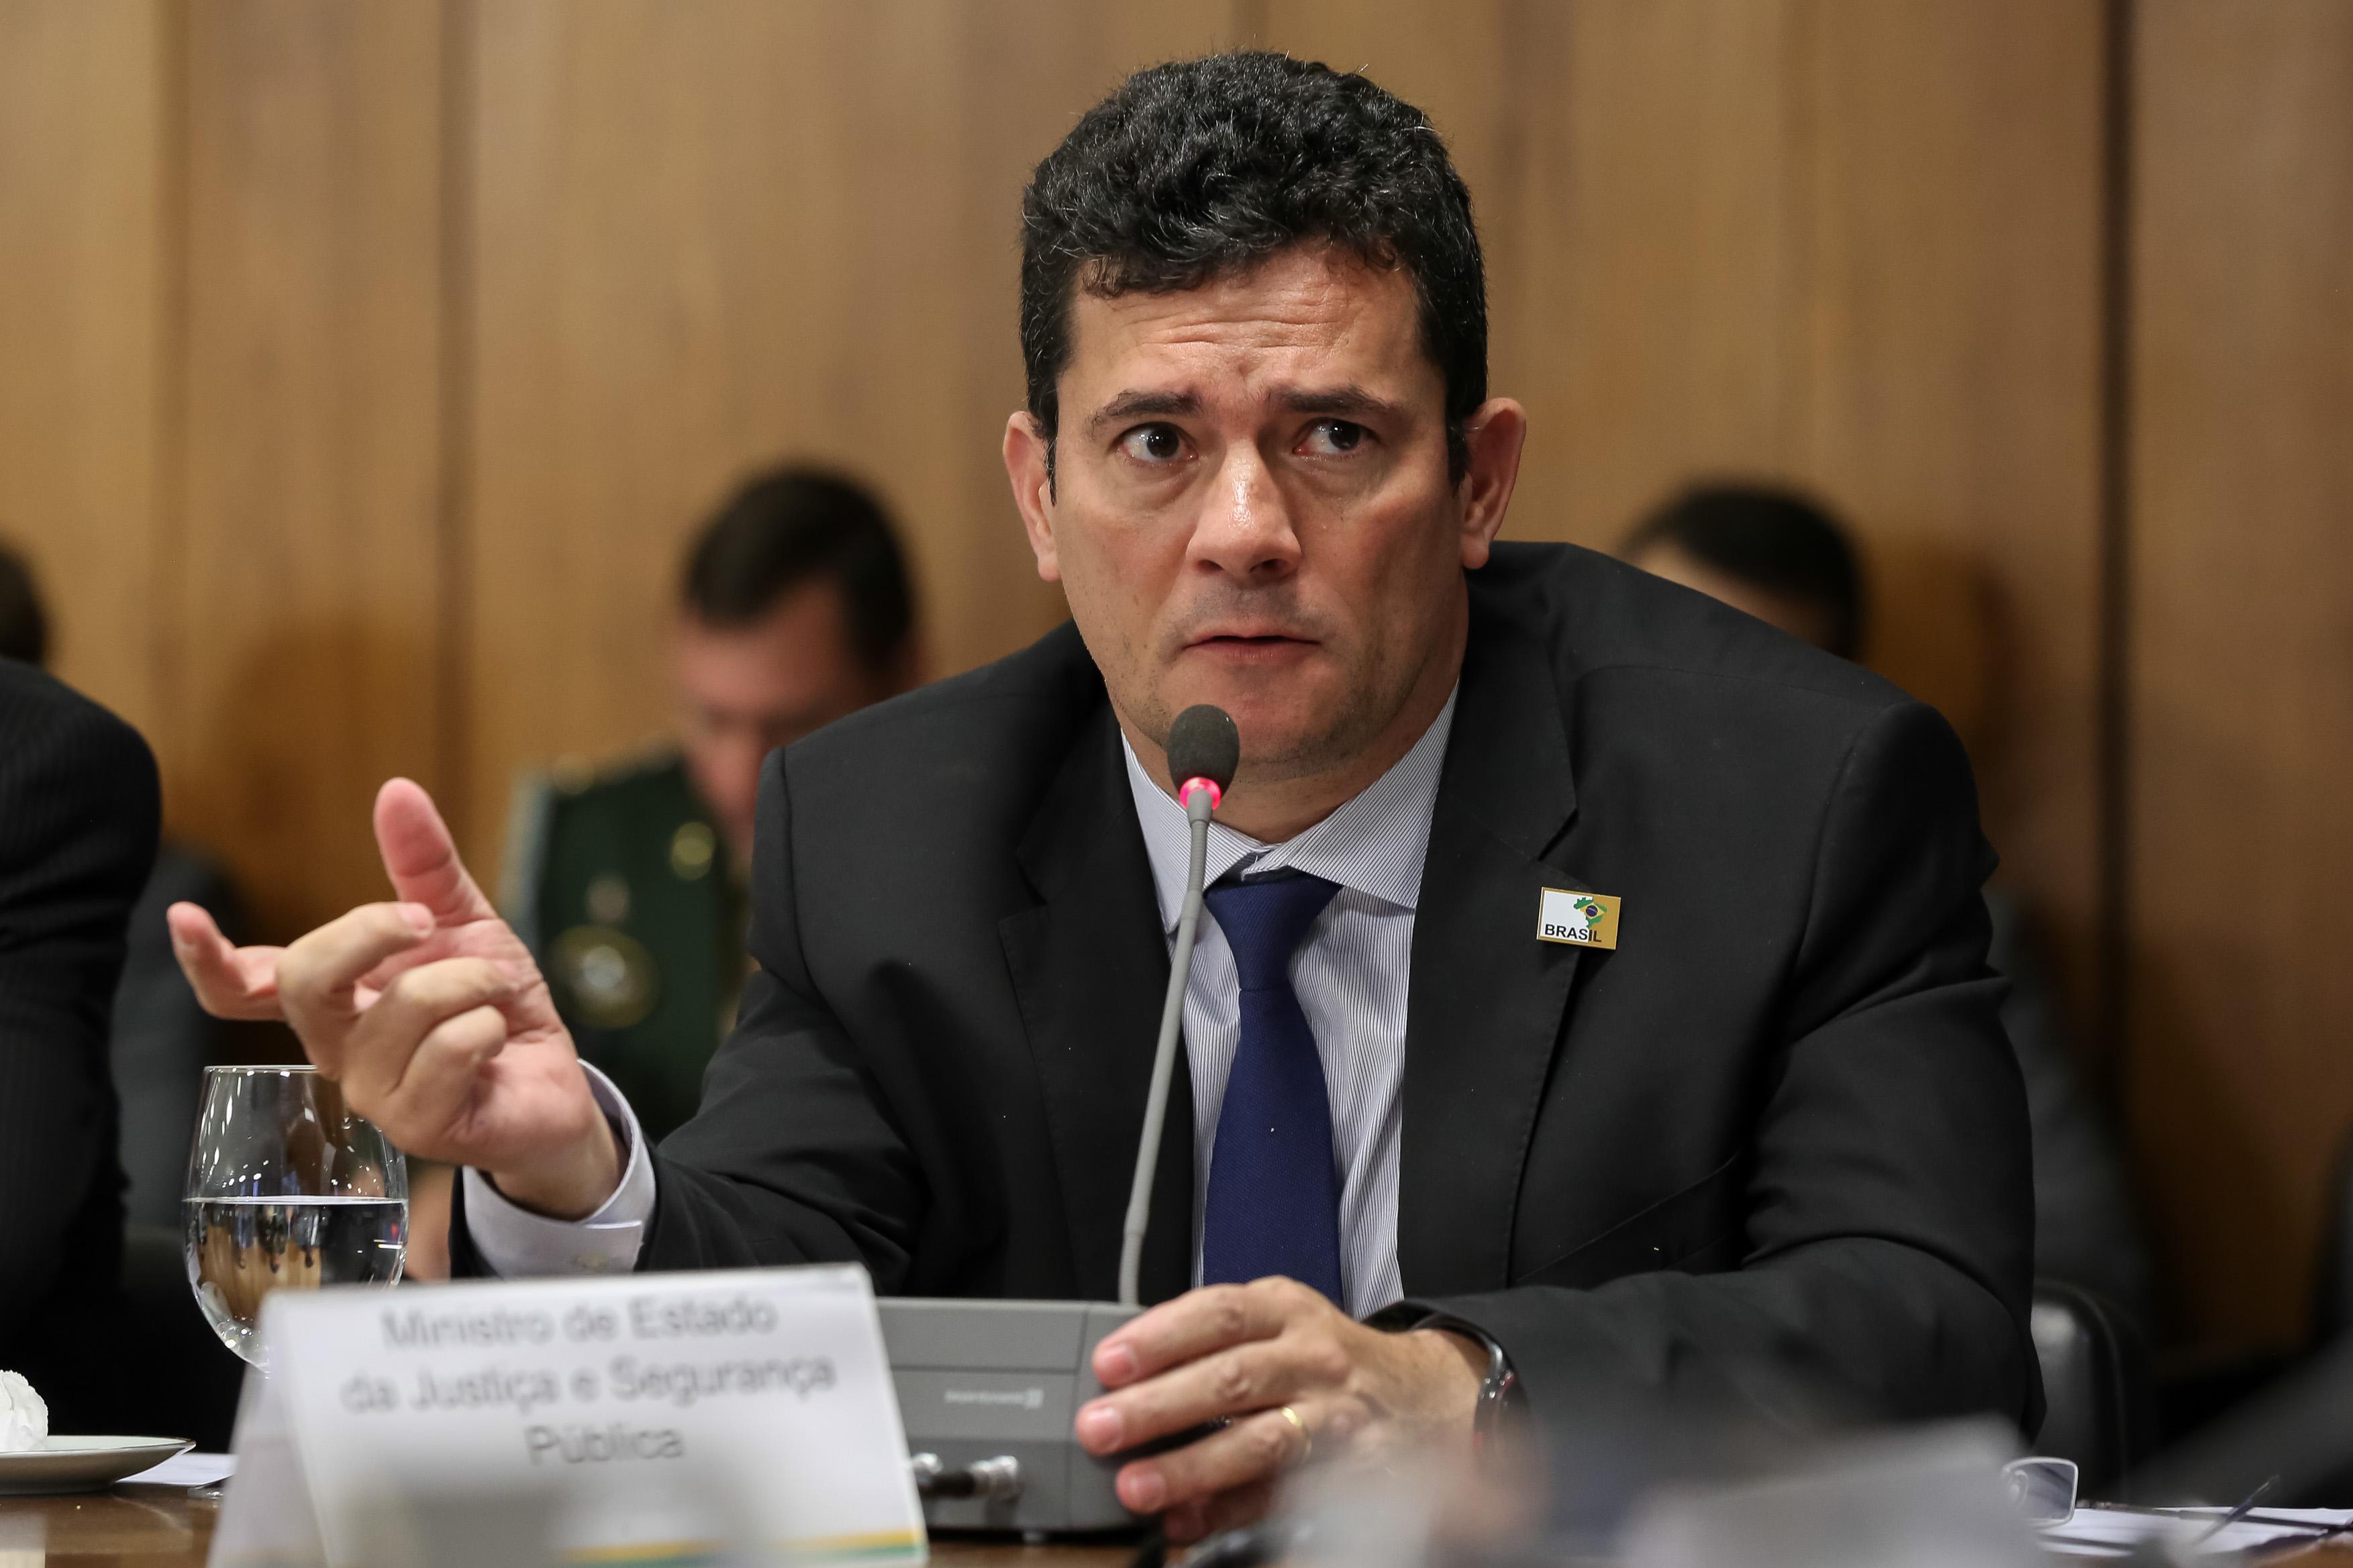 IMAGEM: Moro 'sentiu o termômetro' da Câmara, diz deputado